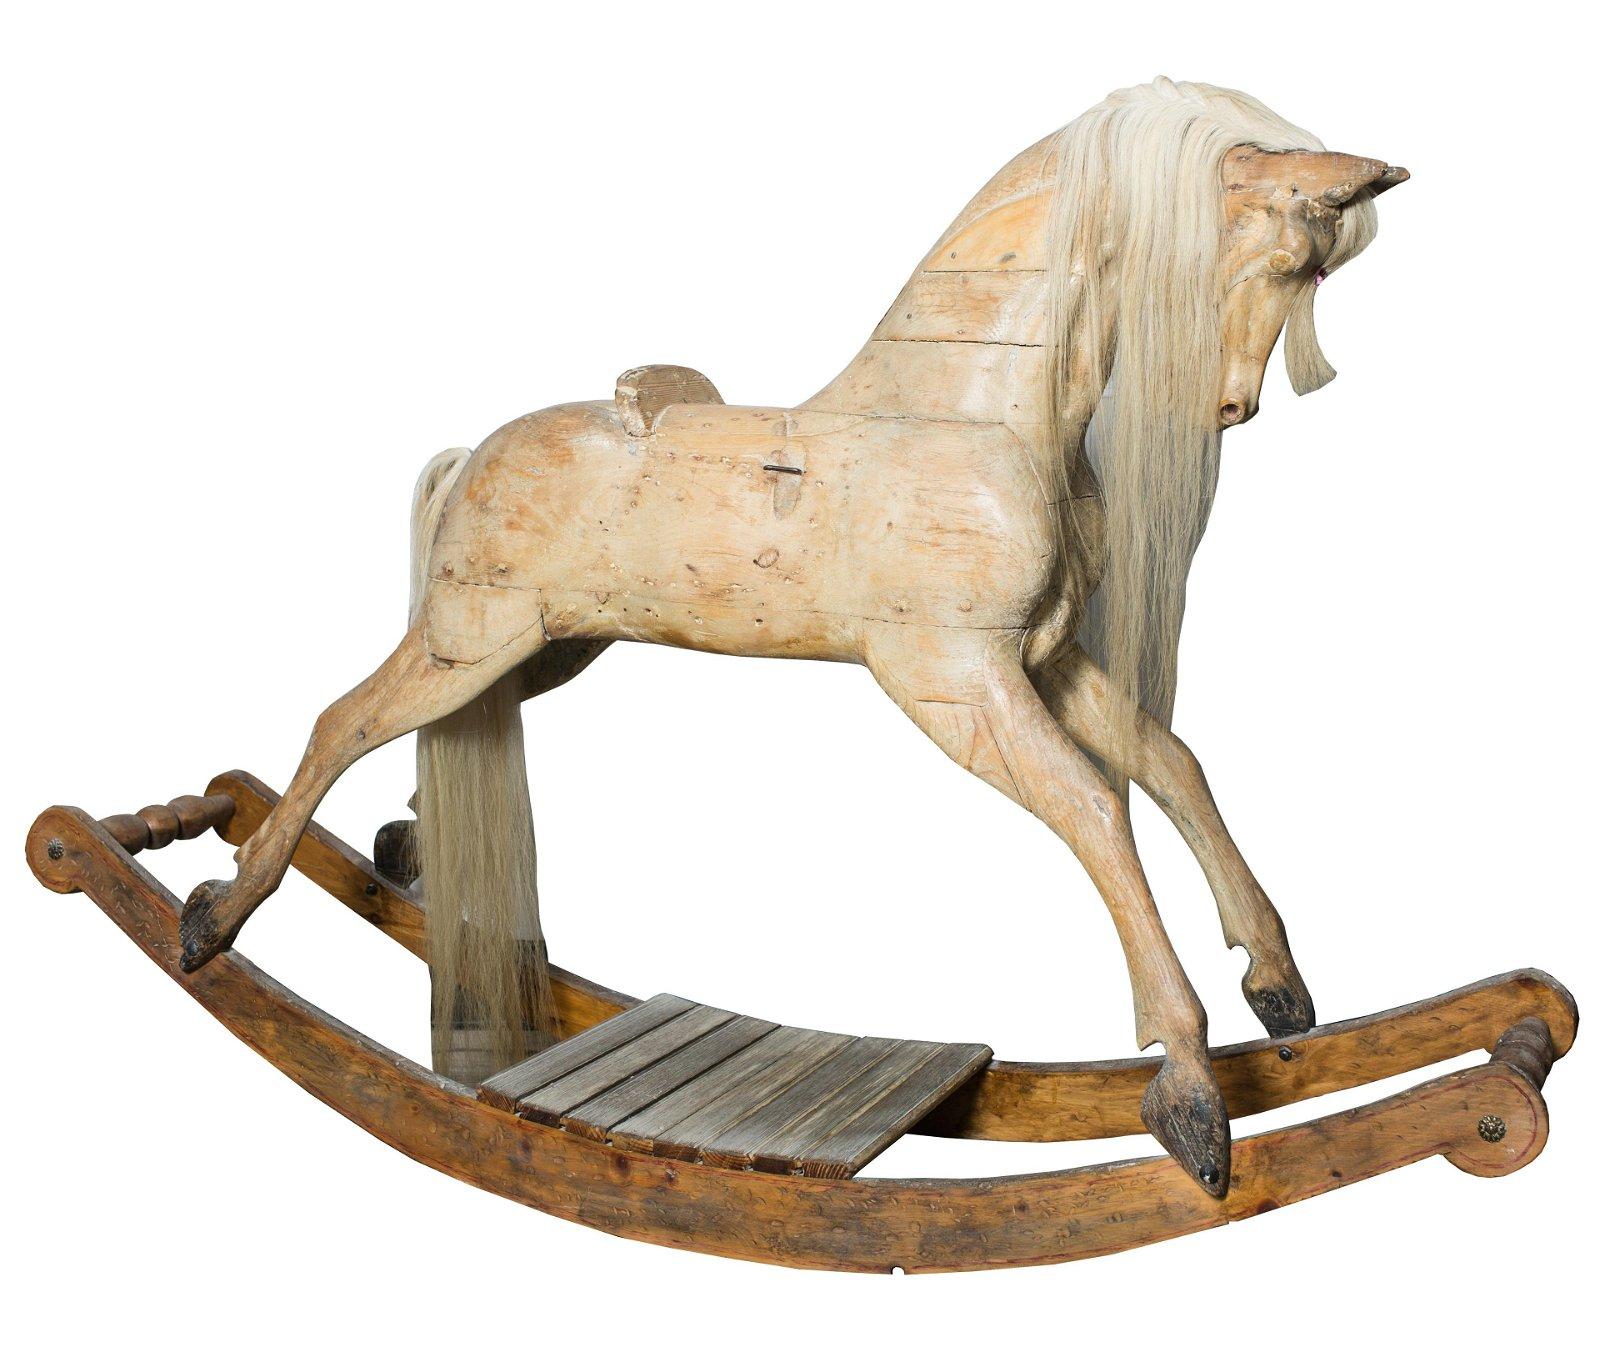 LYONS BROS. ROCKING HORSE